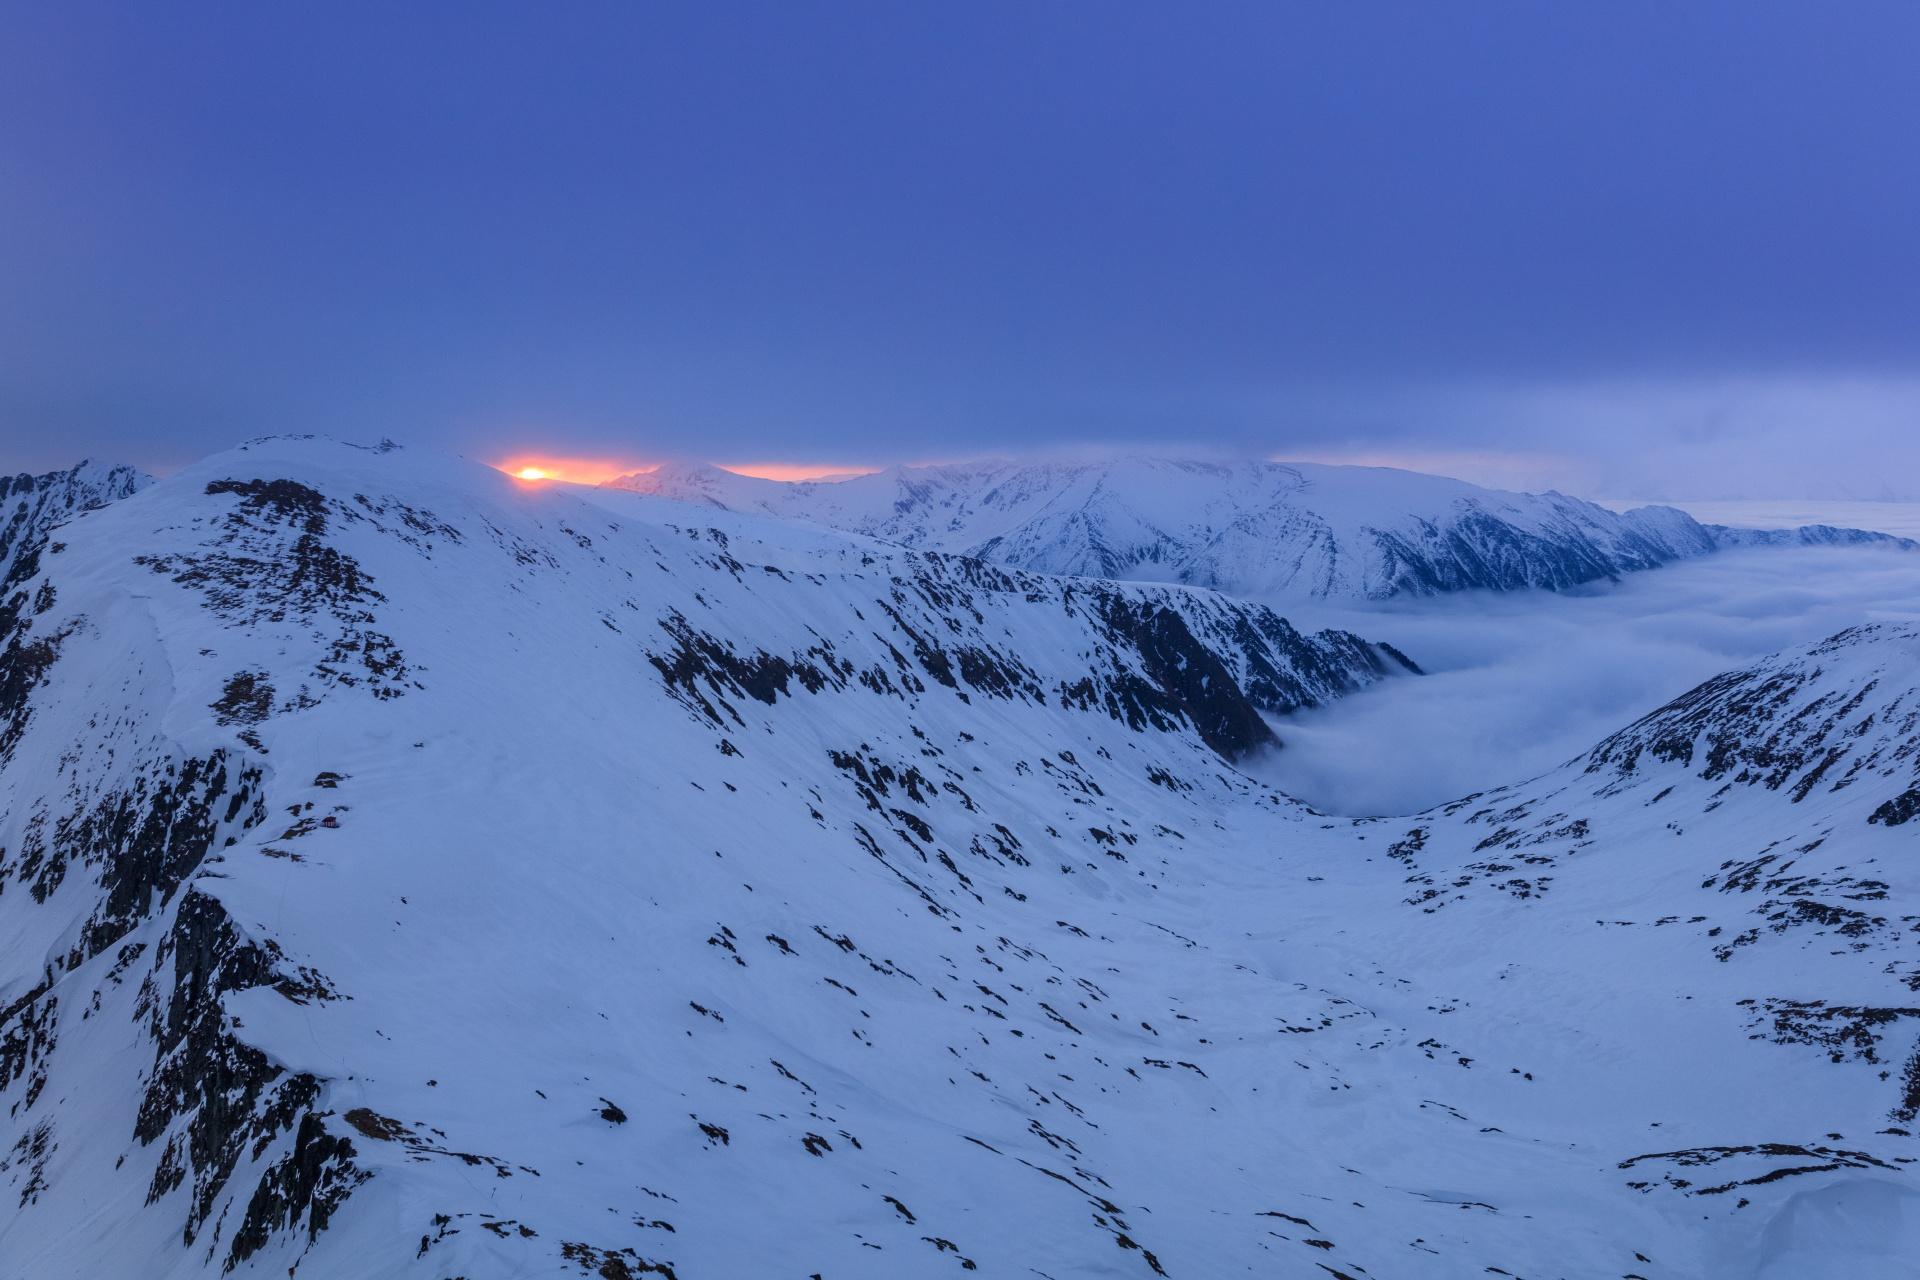 夜明け前のファガラシュ山脈 ルーマニアの風景